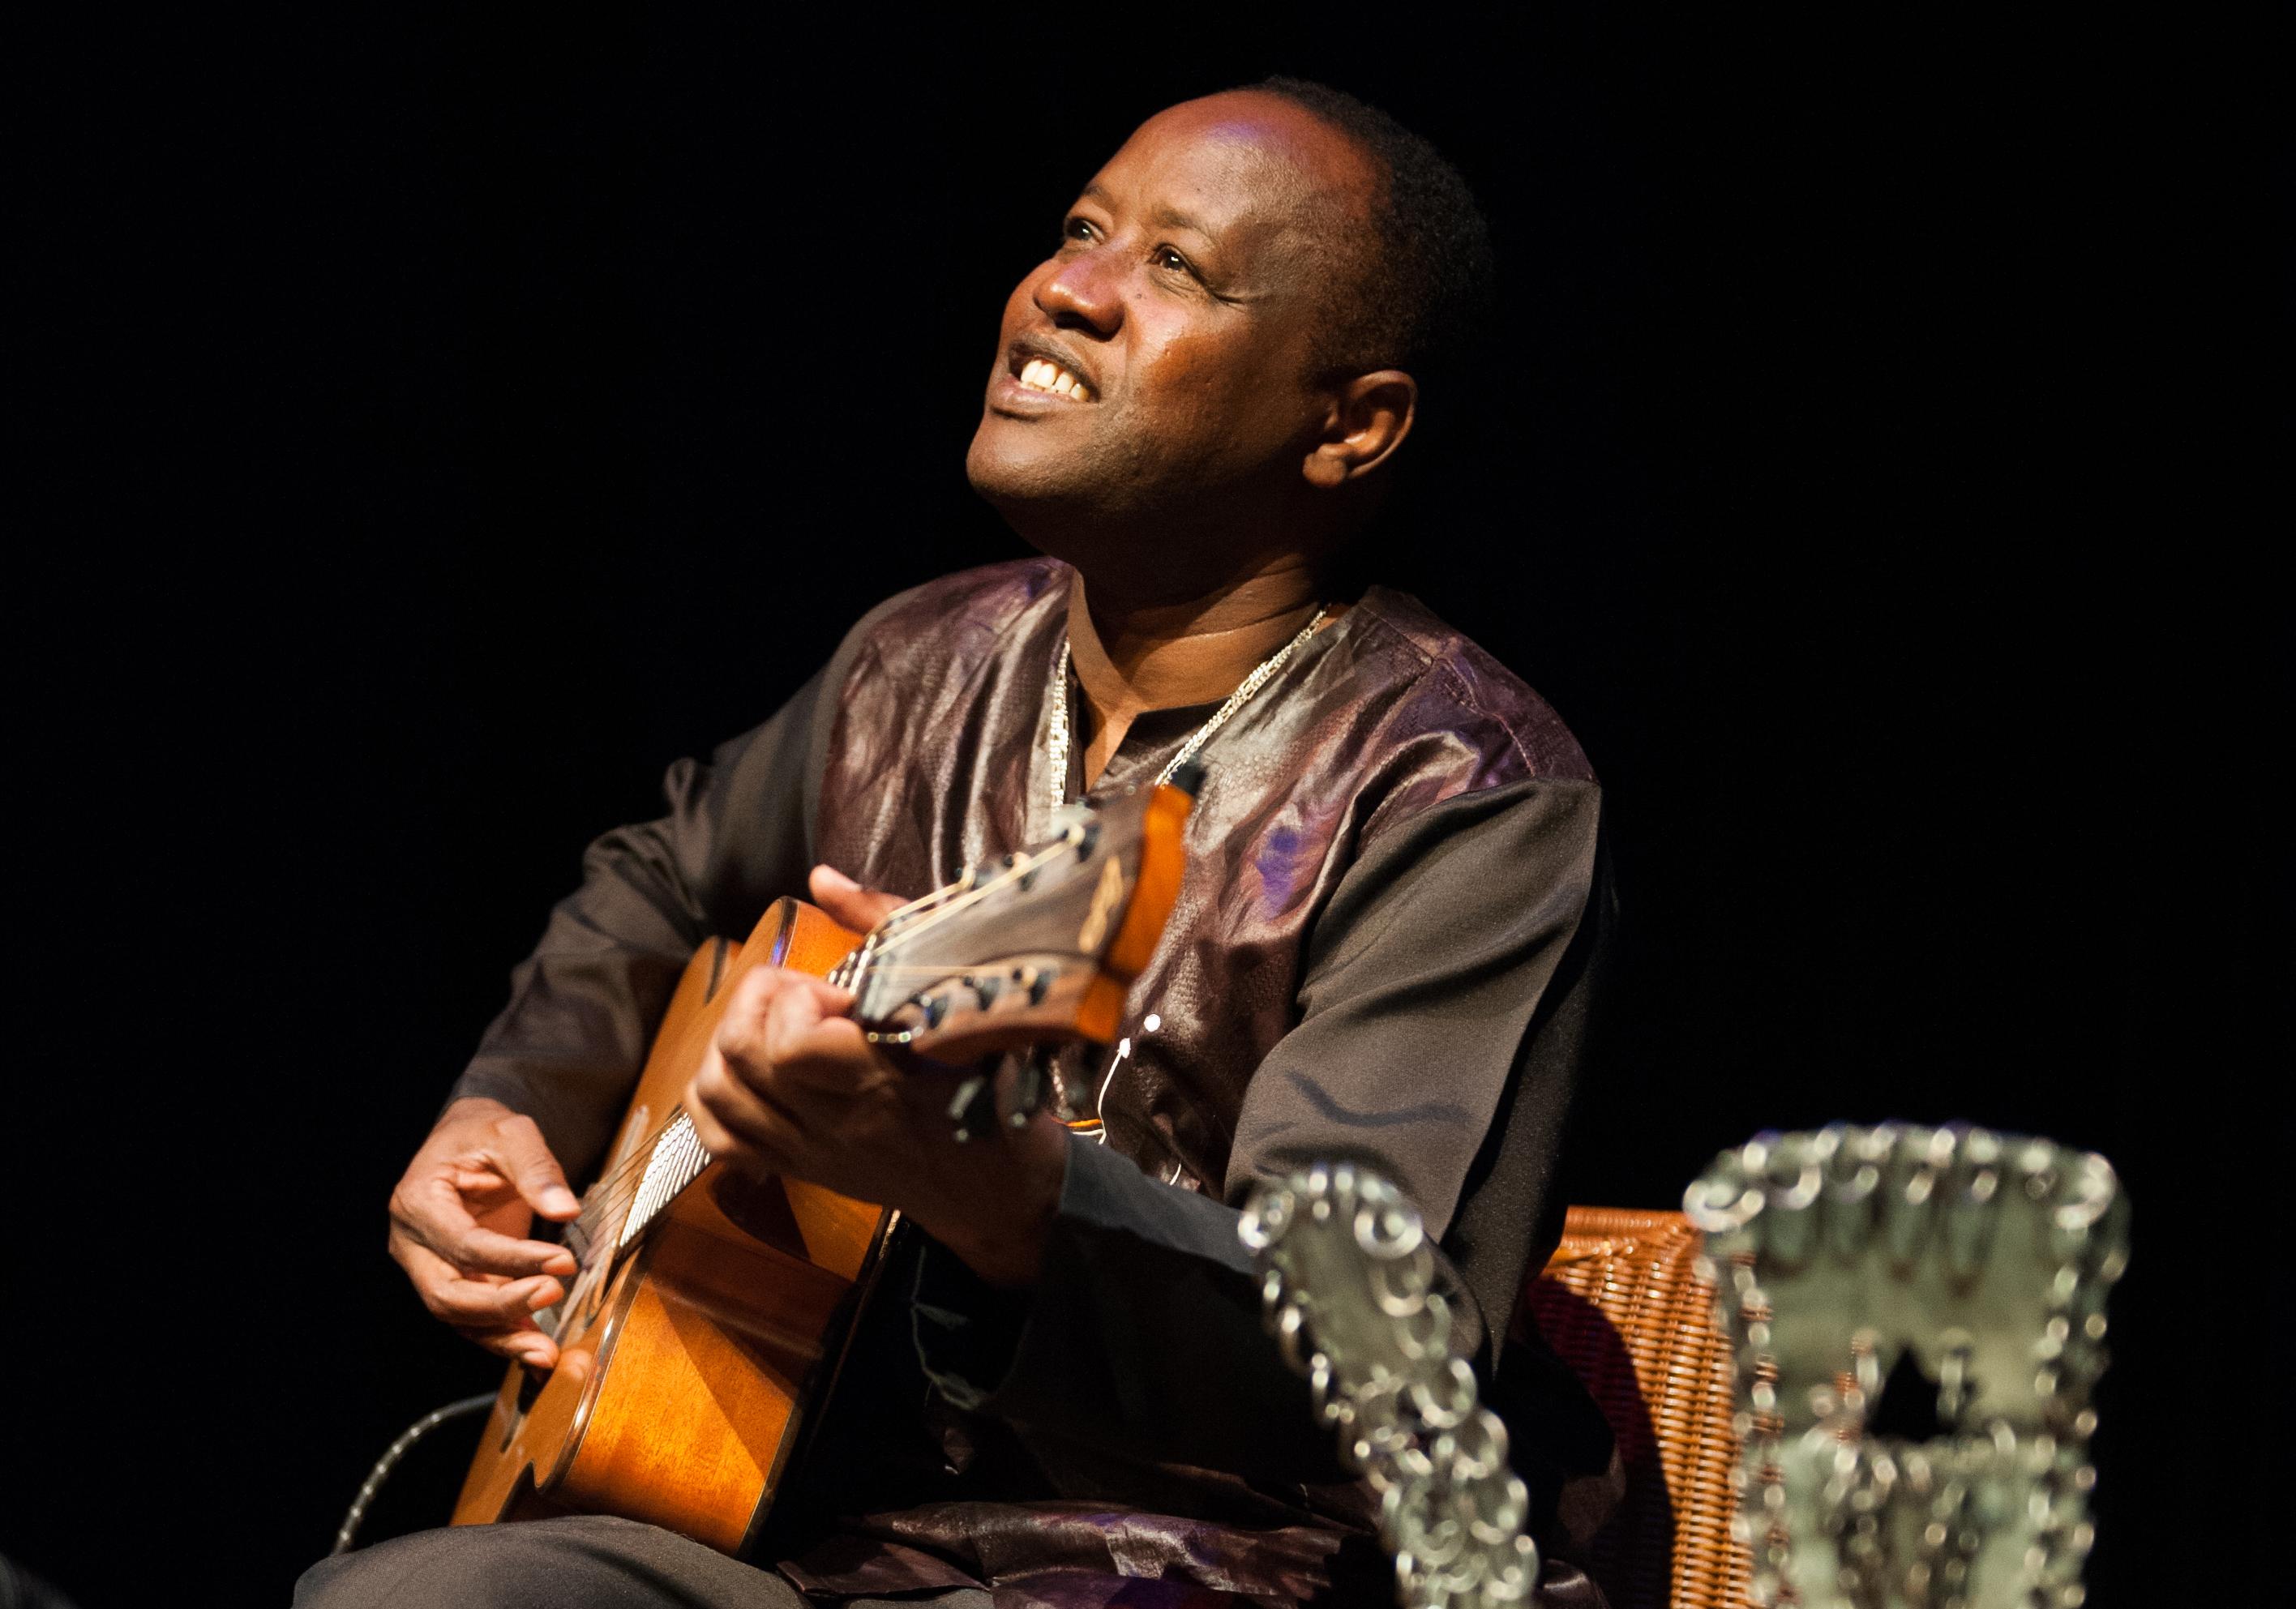 Souleymane-Mbodj